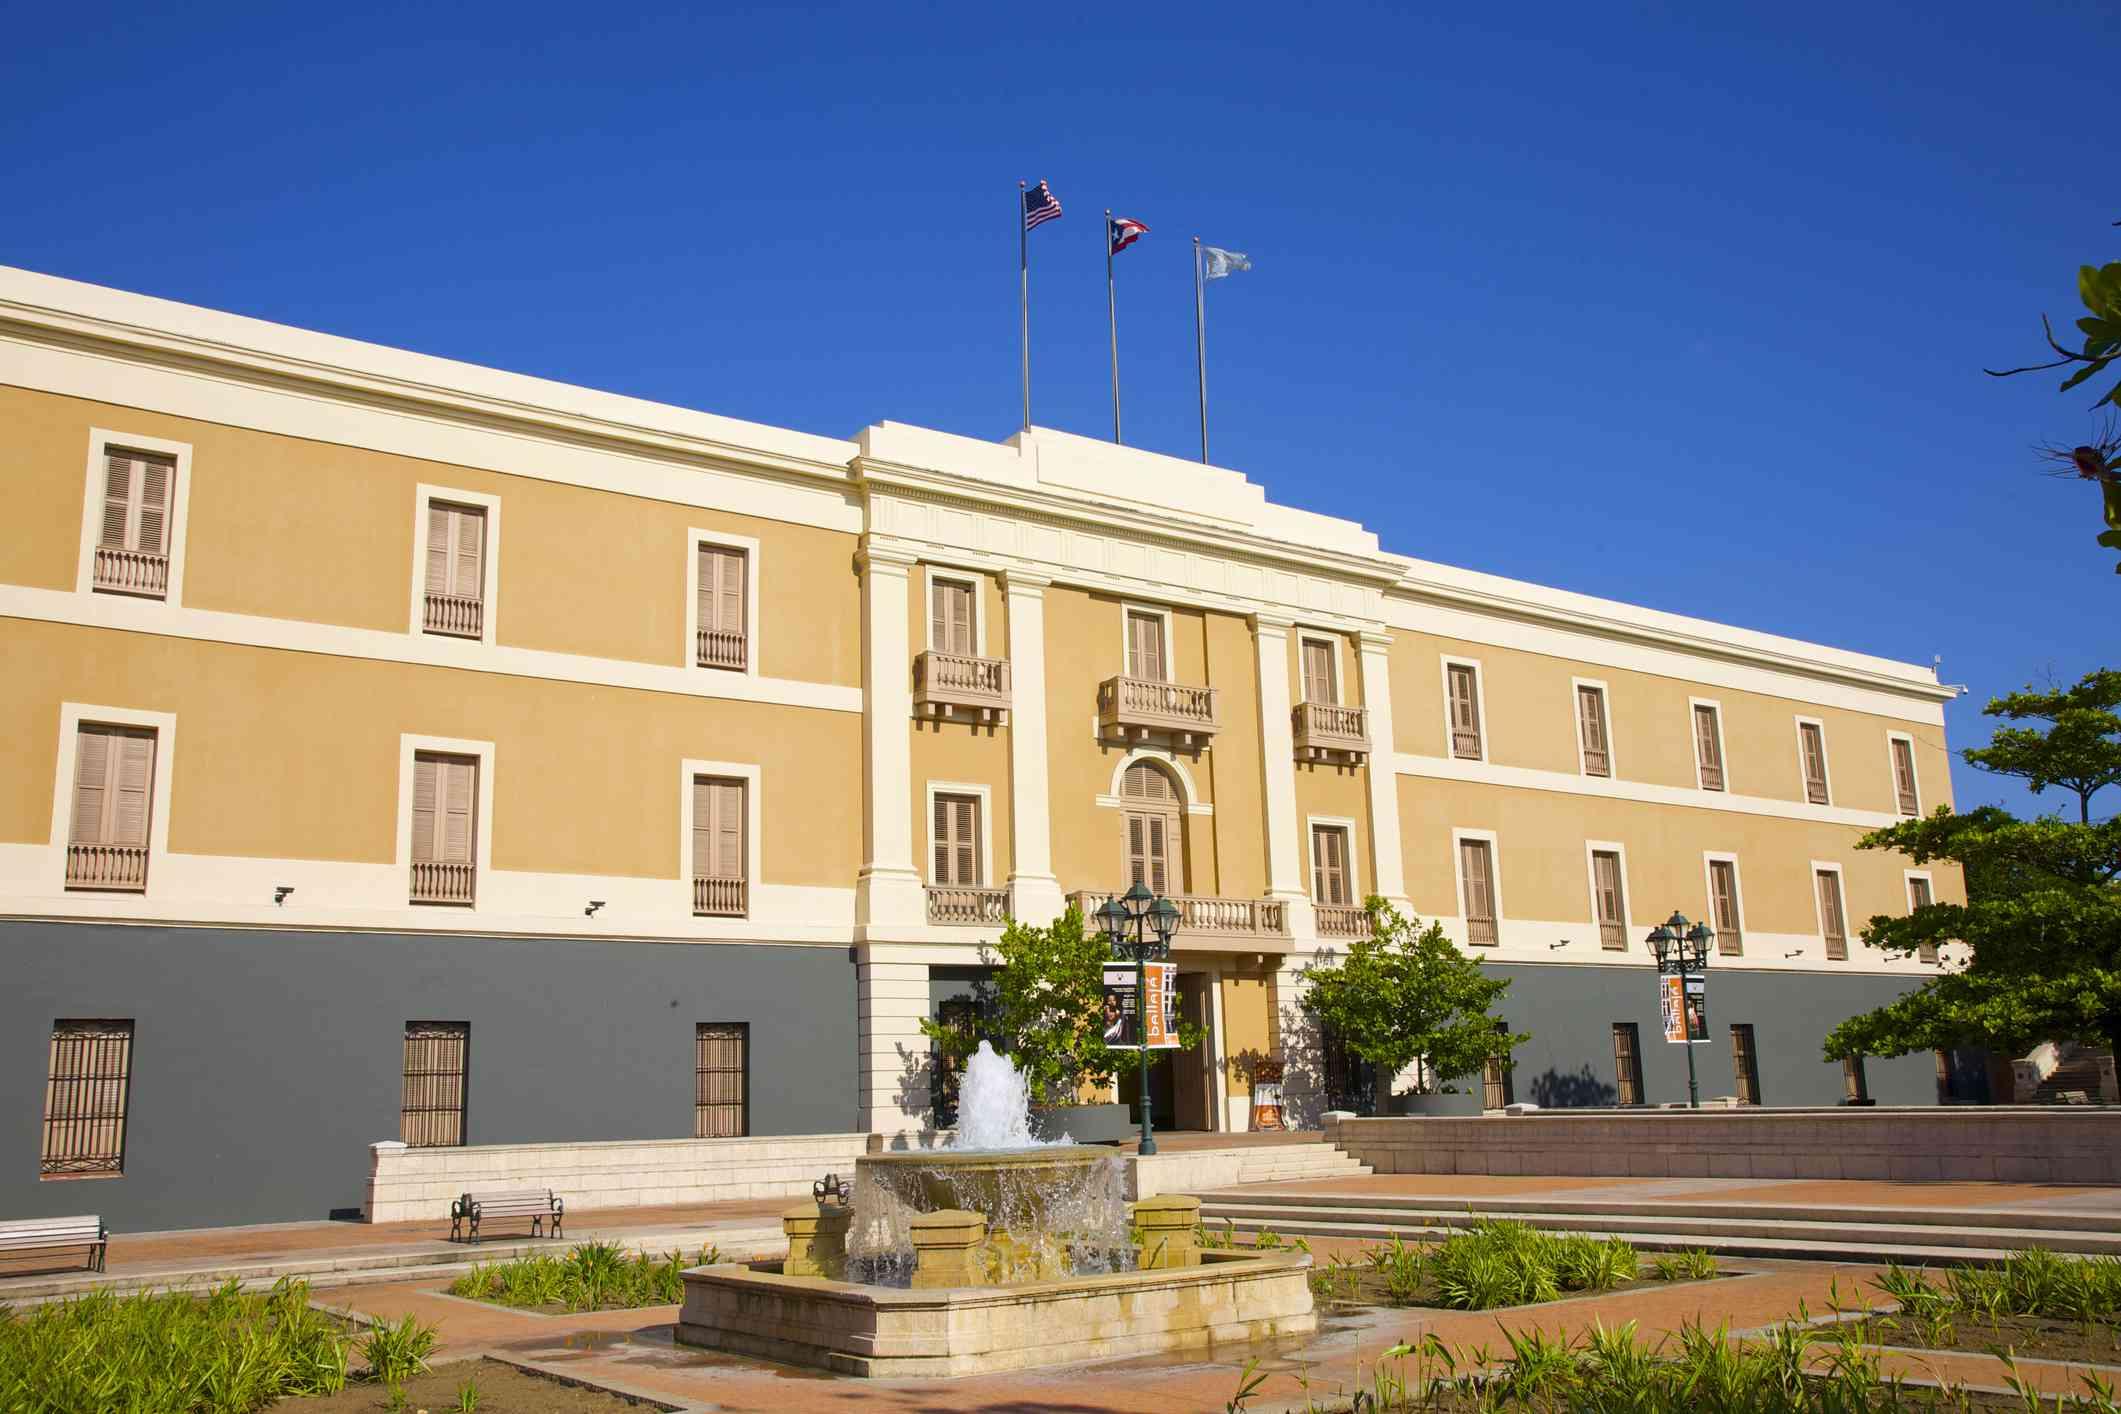 Museo de las Americas and plaza, San Juan